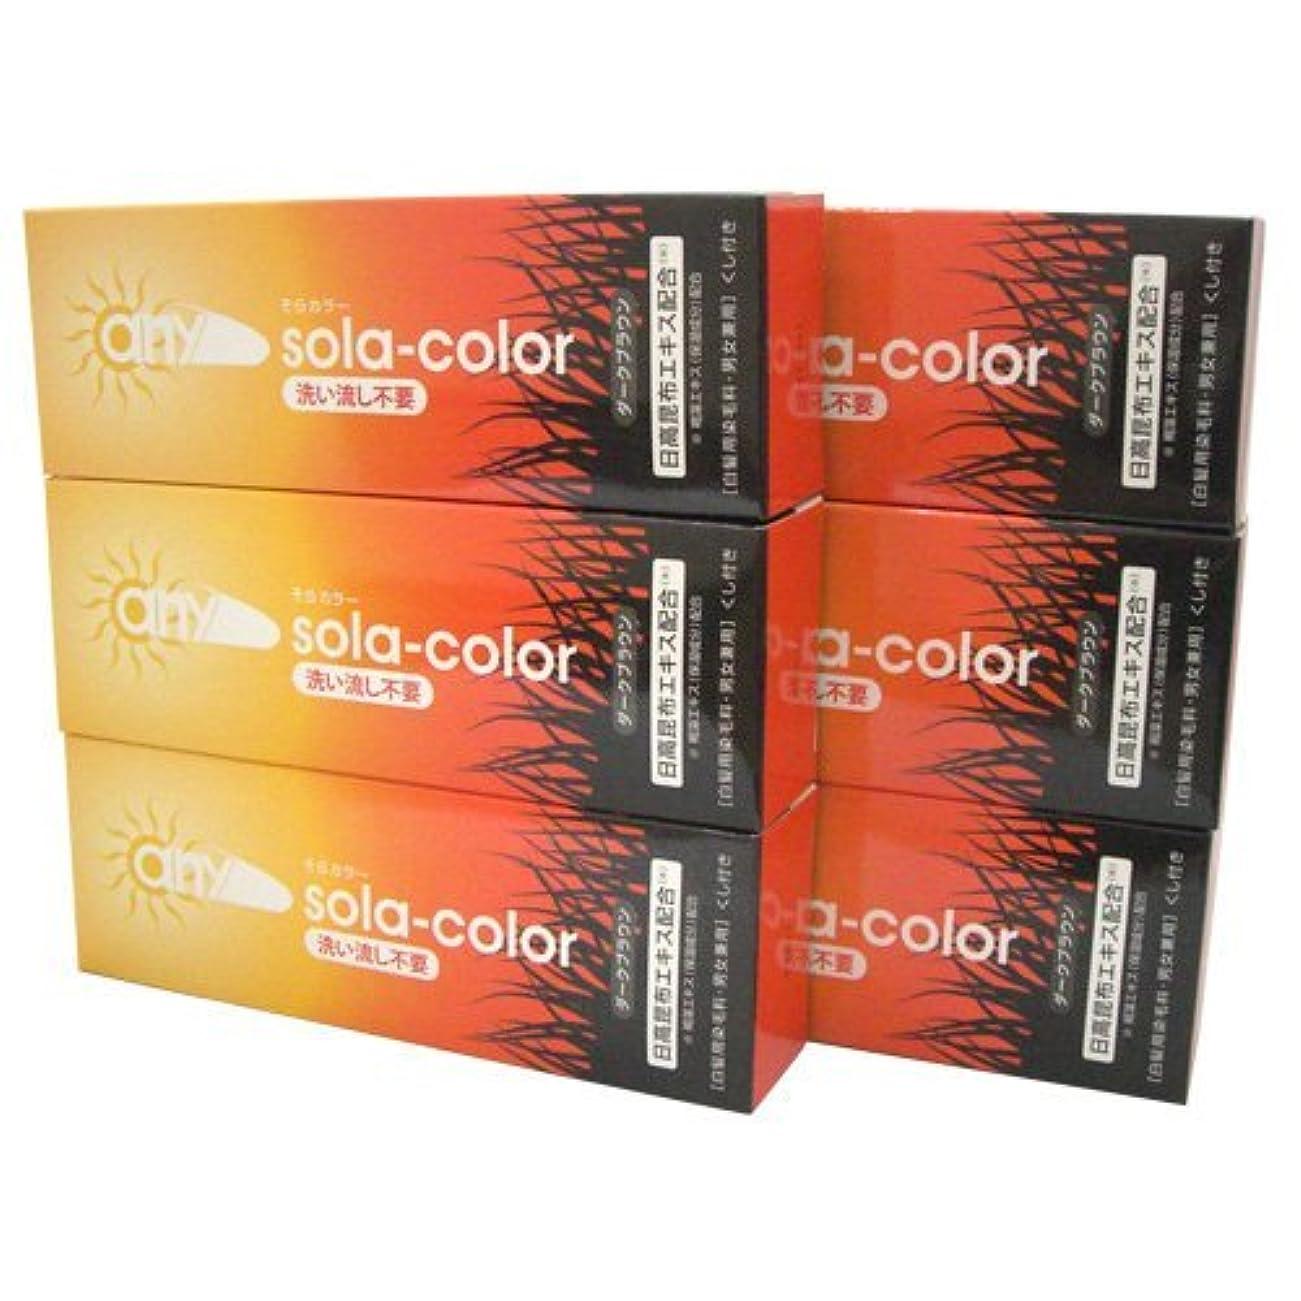 従うコロニーダーベビルのテスそらカラー (sola-color) 光ヘアクリーム 80g ダークブラウン x6個セット